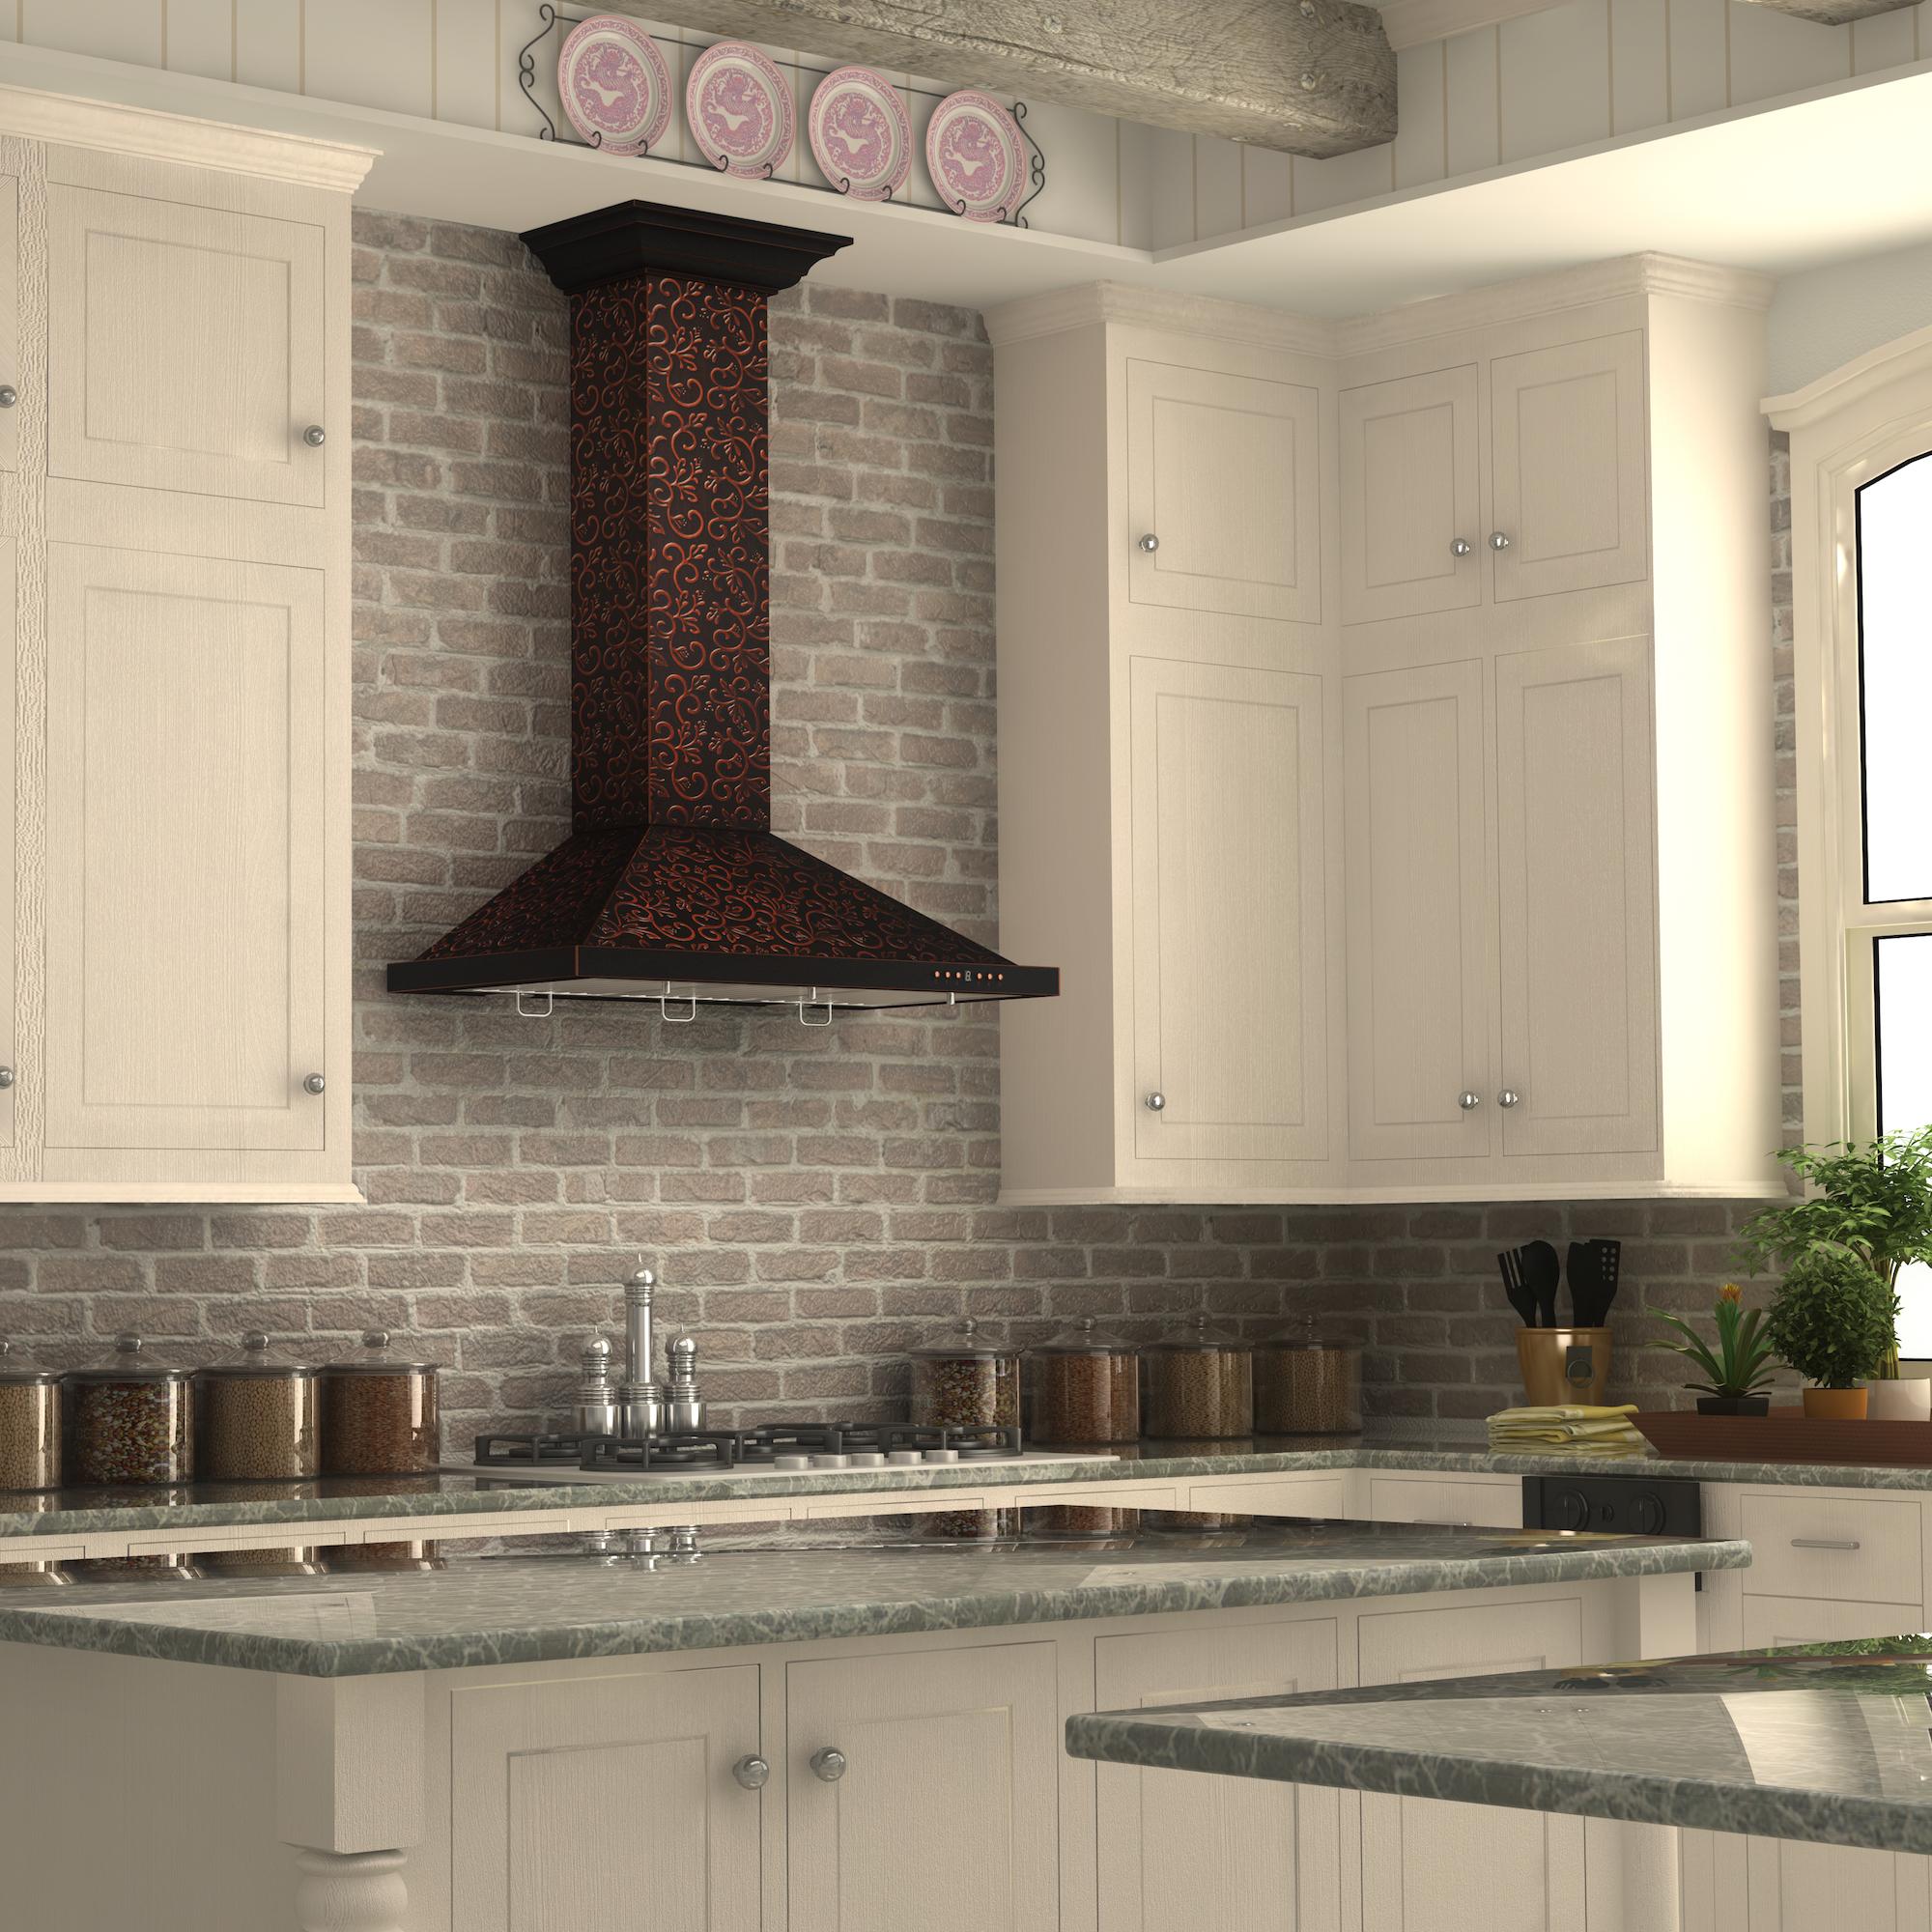 zline-copper-wall-mounted-range-hood-8KBF-kitchen 2.jpg